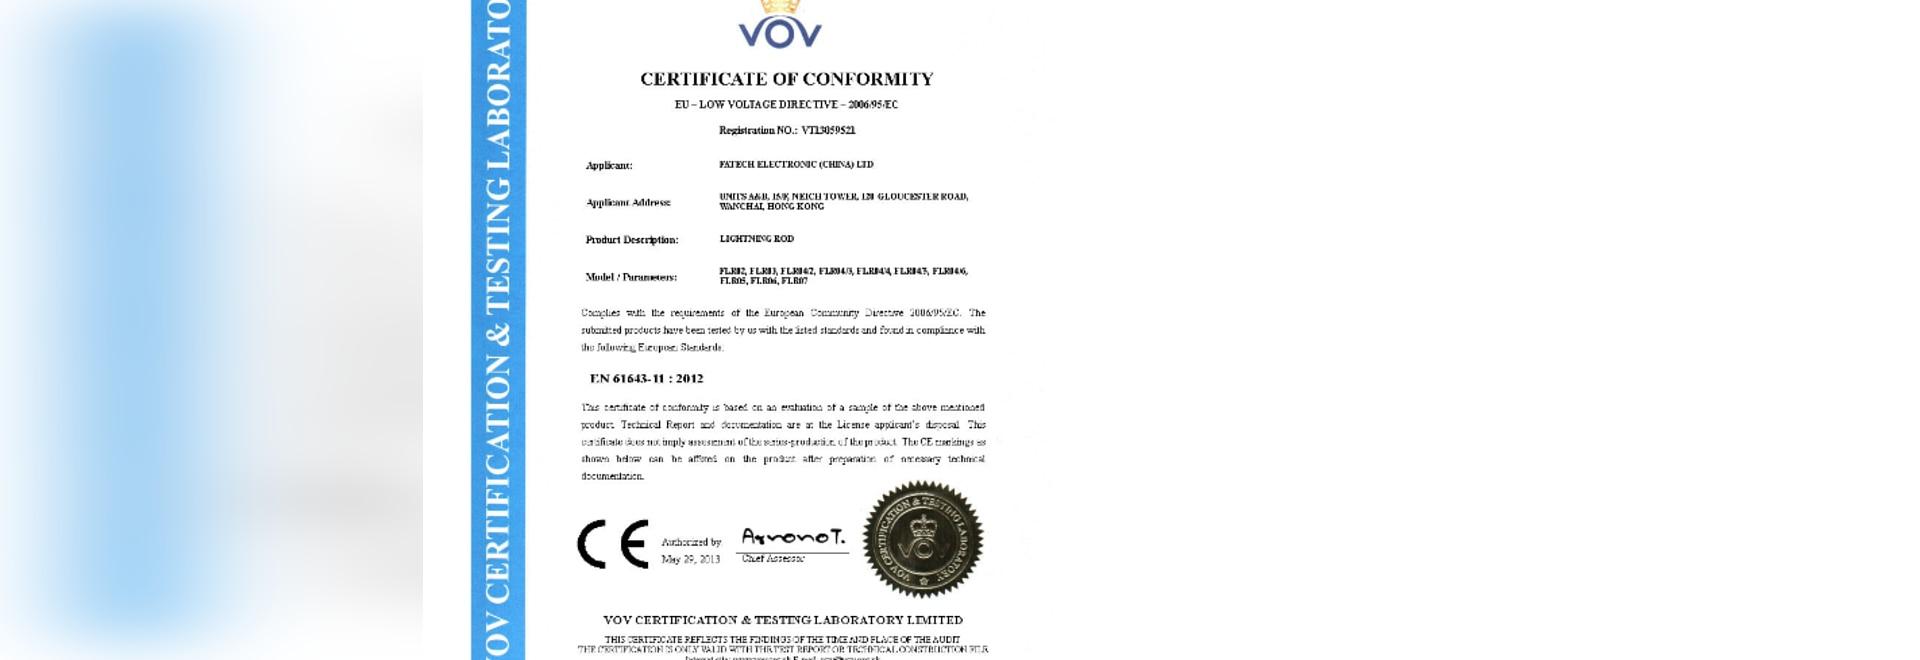 ligtning rods CE certificate